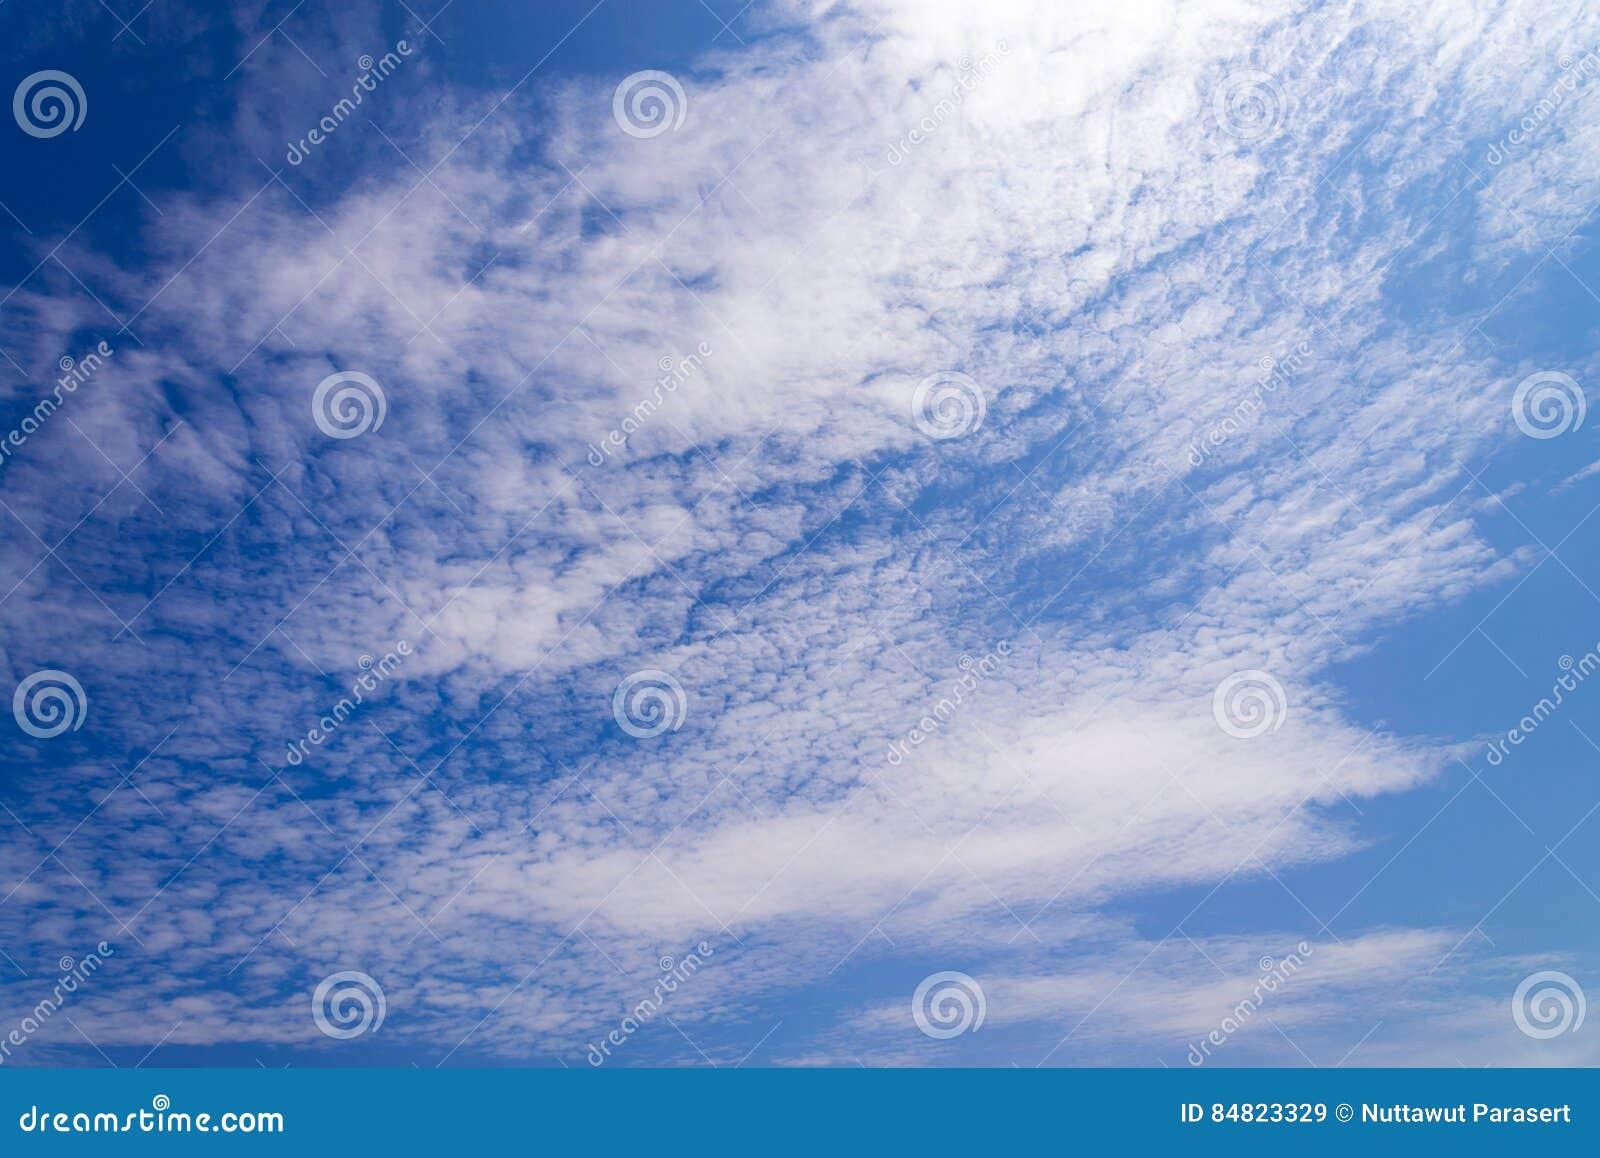 Blauer Himmel Mit Weißen Flaumigen Kleinen Wolken Hintergrund Und ...